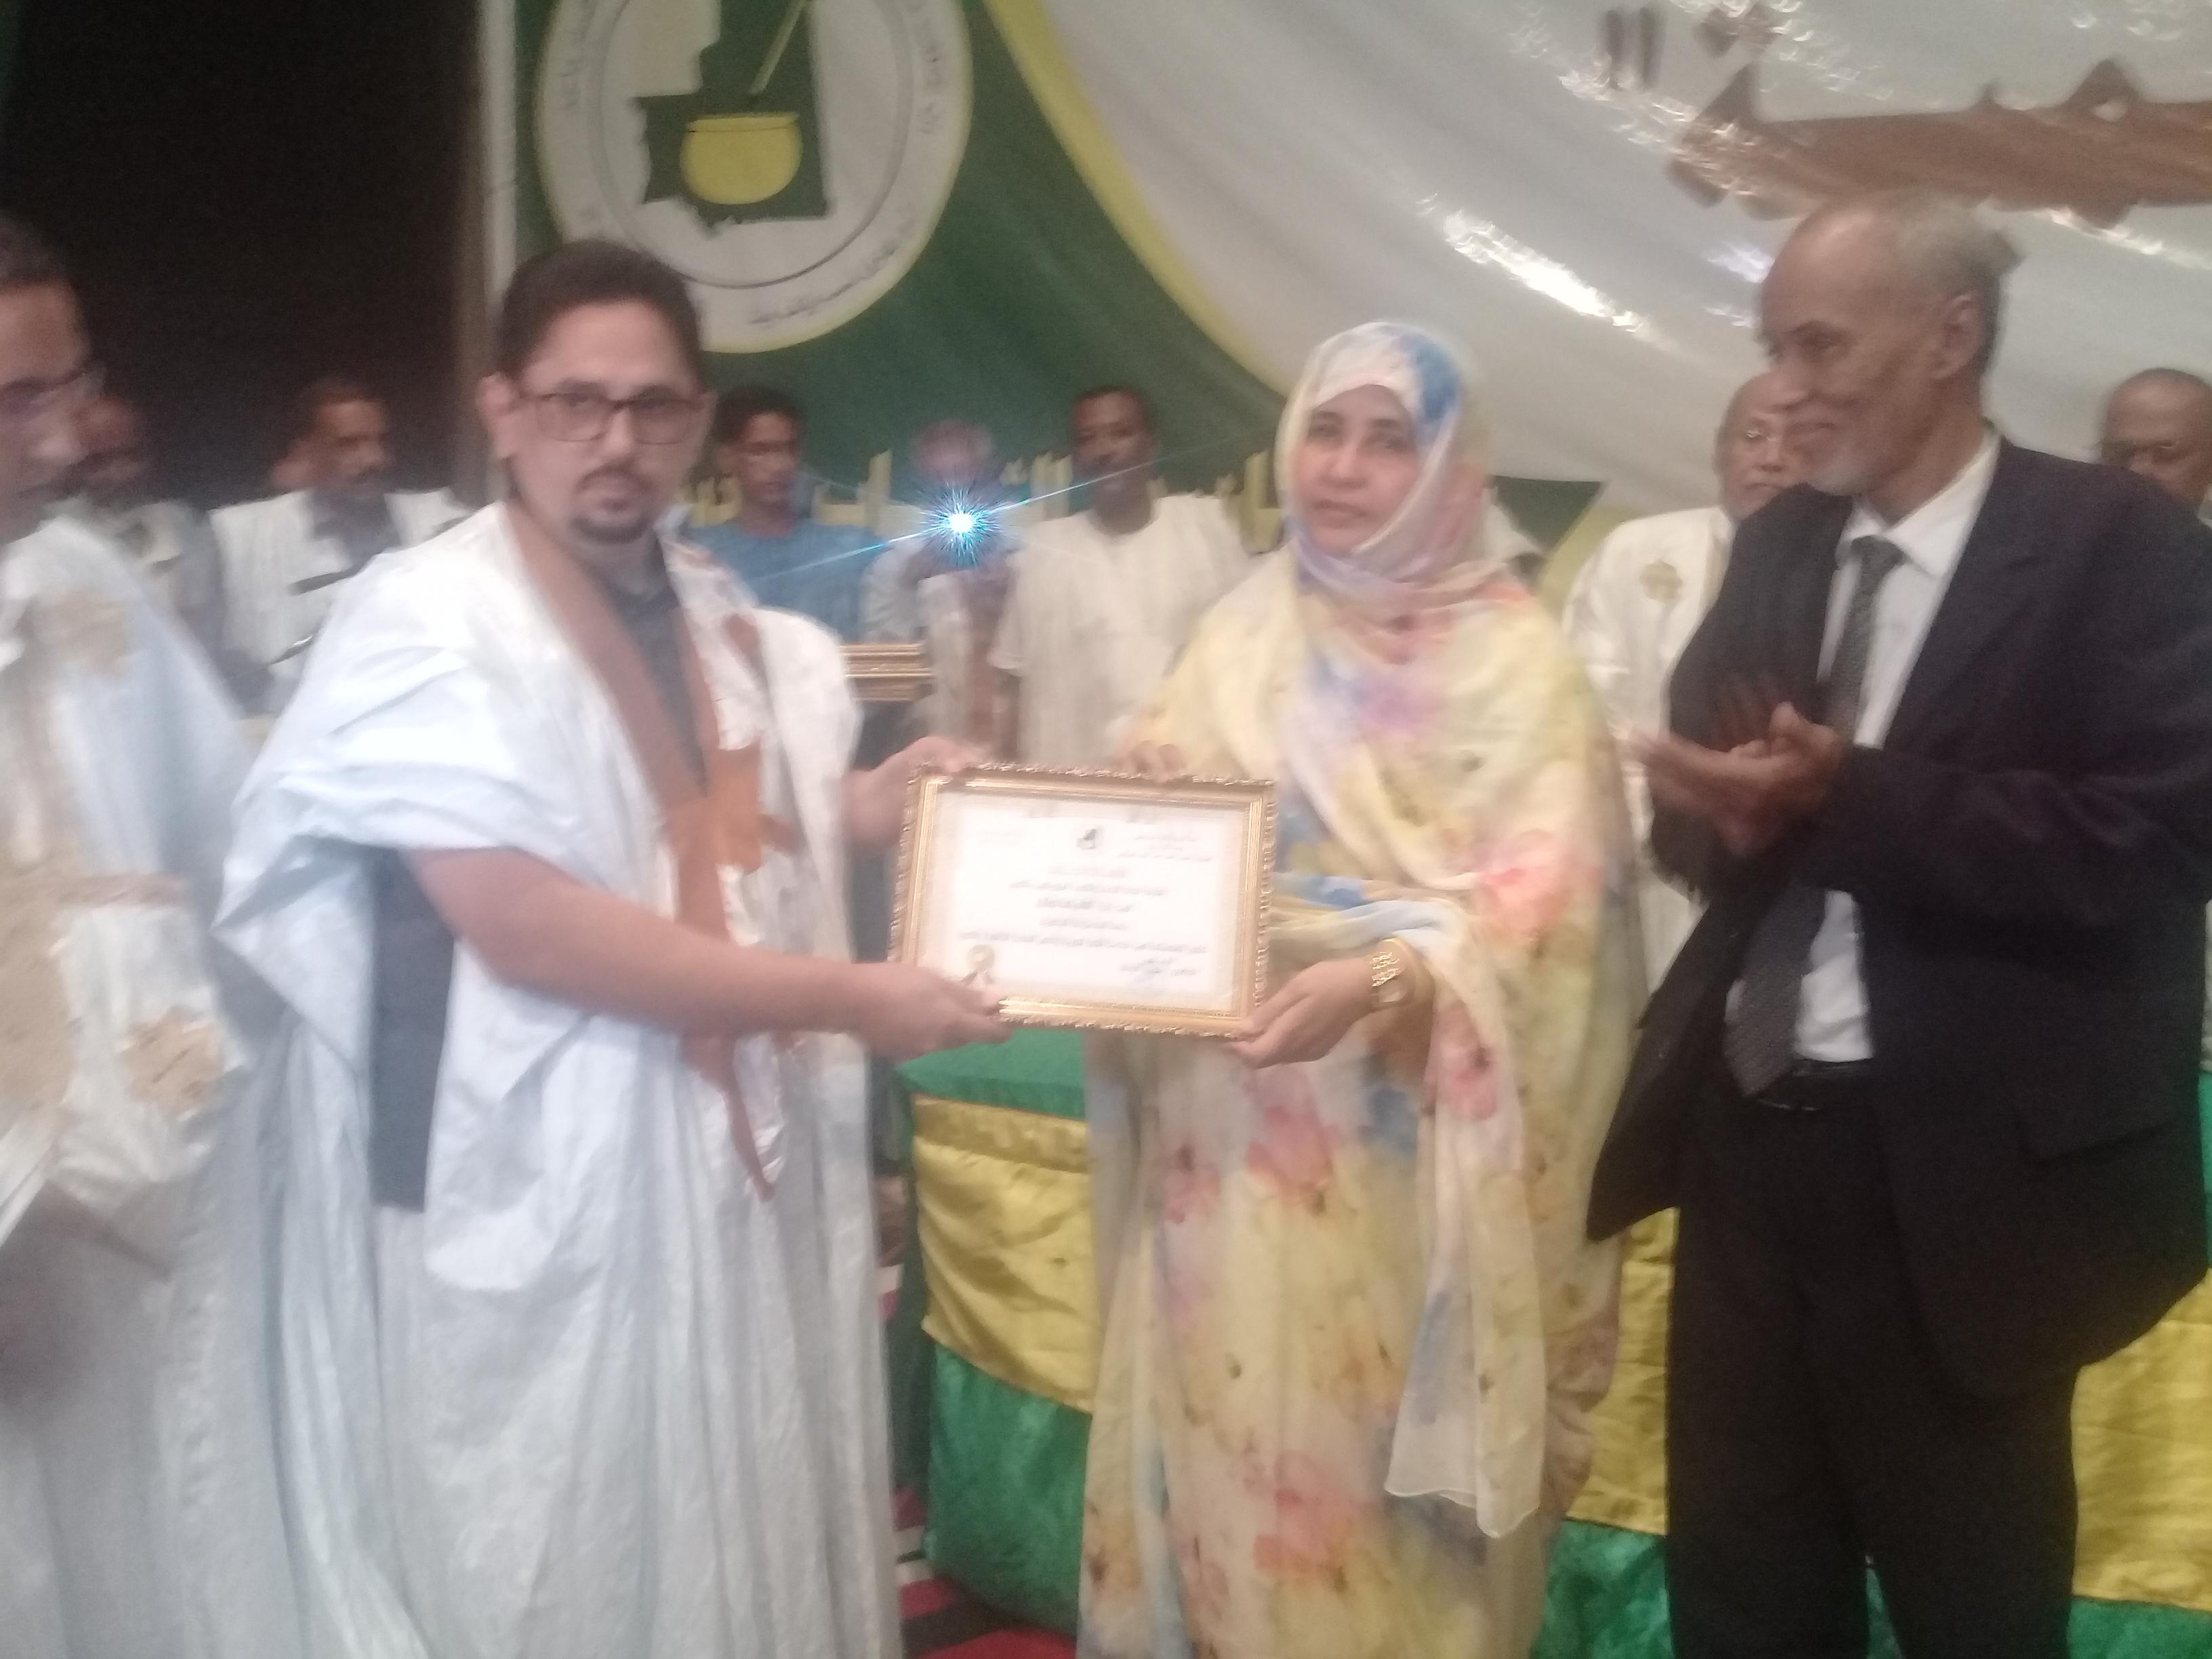 رئيس اتحاد الأدباء الموريتانيين ووزير الثقافة خلال حفل انطلاقة المهرجان السنوي للاتحاد (الأخبار)